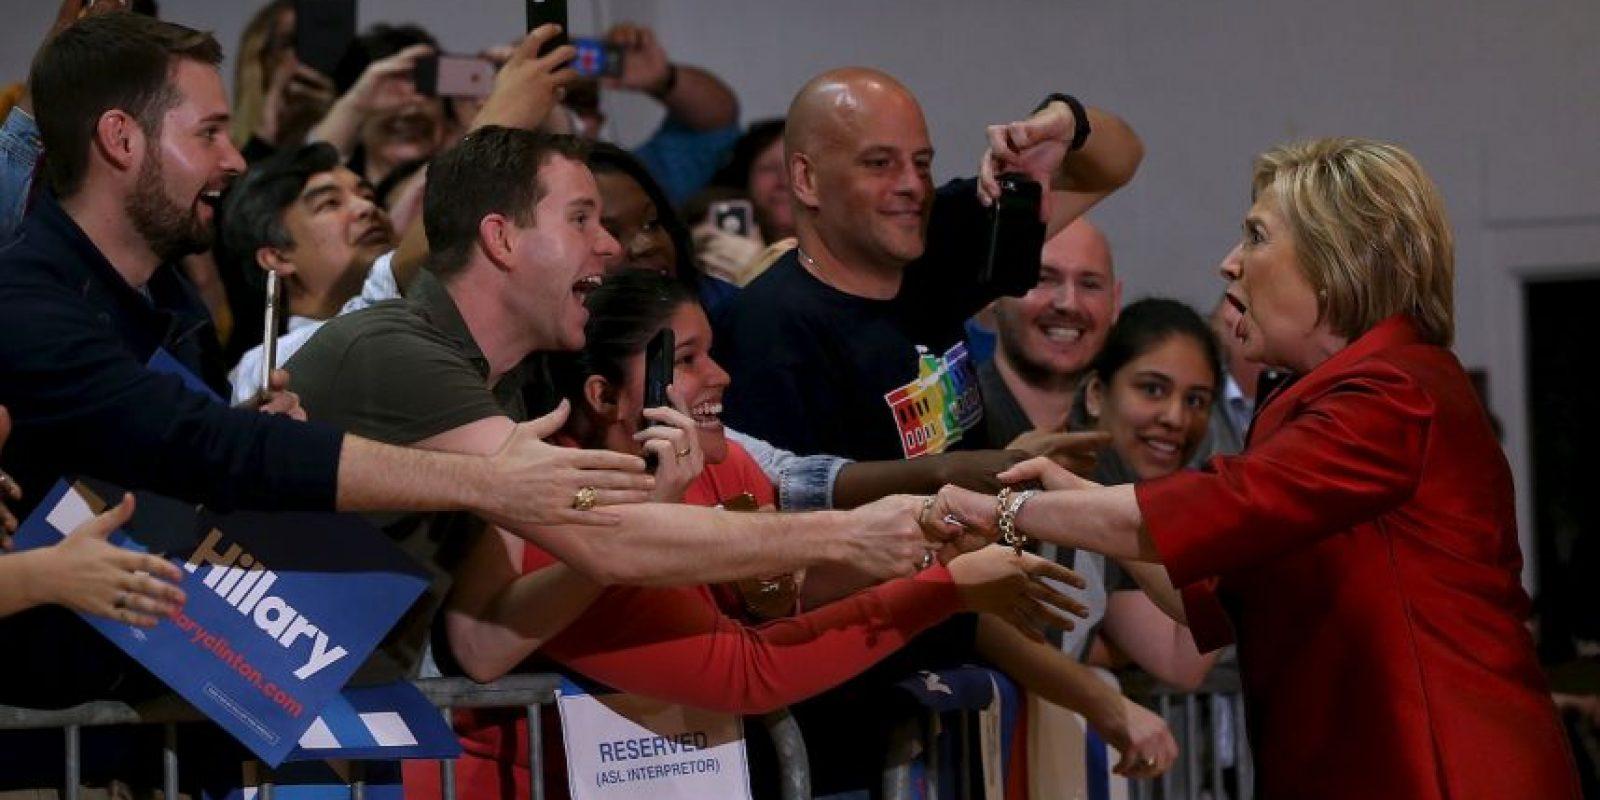 Al parecer los votantes buscan experiencia en su candidato. Foto:AFP